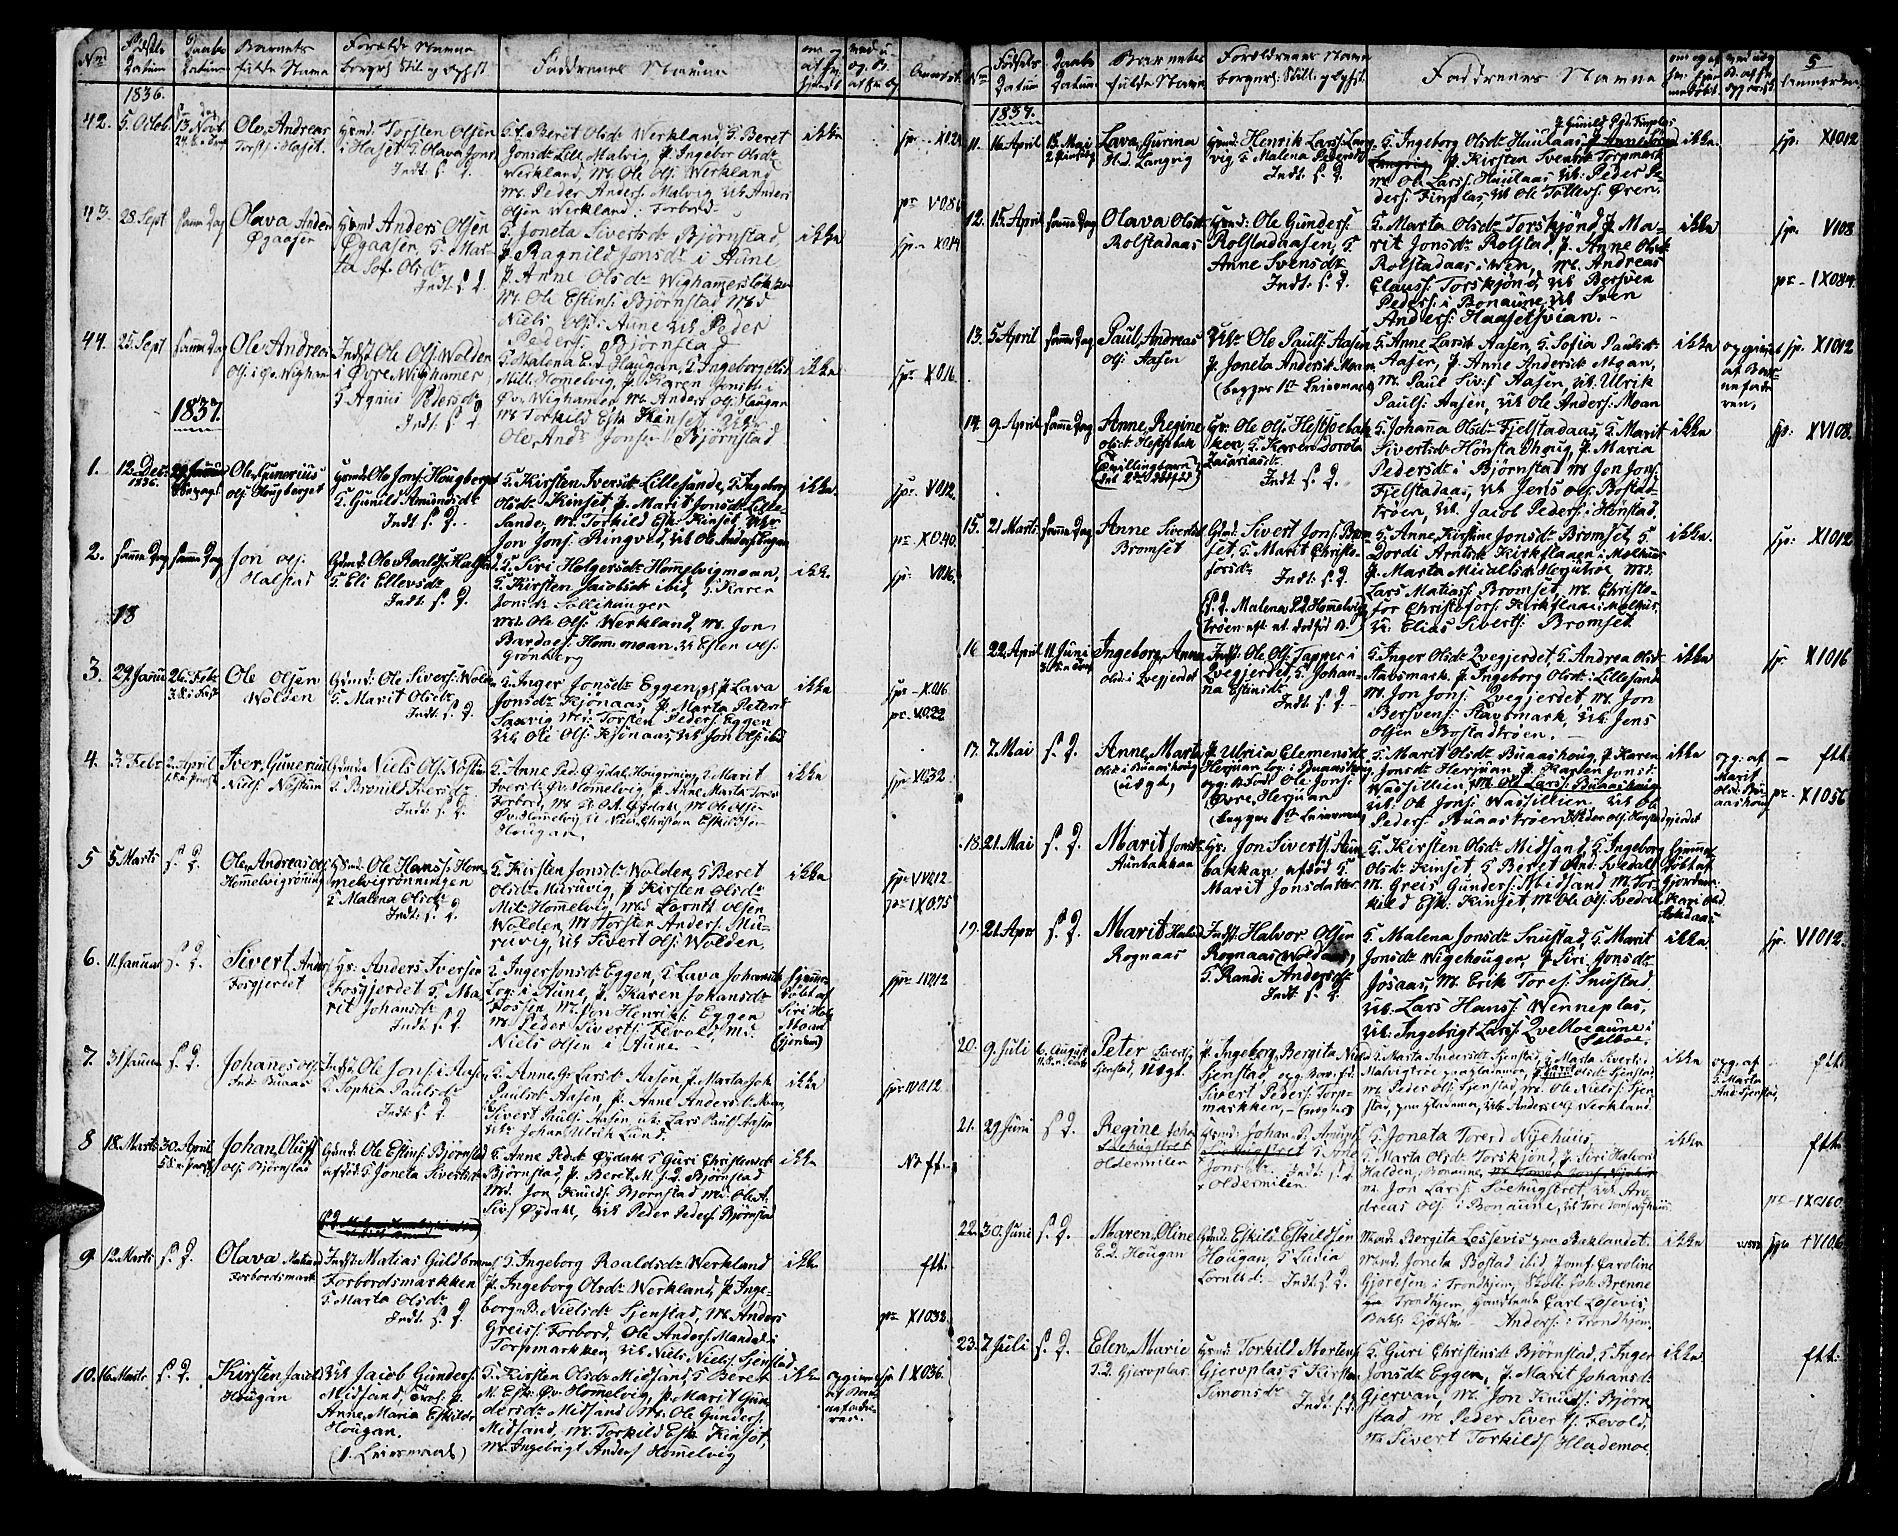 SAT, Ministerialprotokoller, klokkerbøker og fødselsregistre - Sør-Trøndelag, 616/L0421: Klokkerbok nr. 616C04, 1834-1850, s. 5